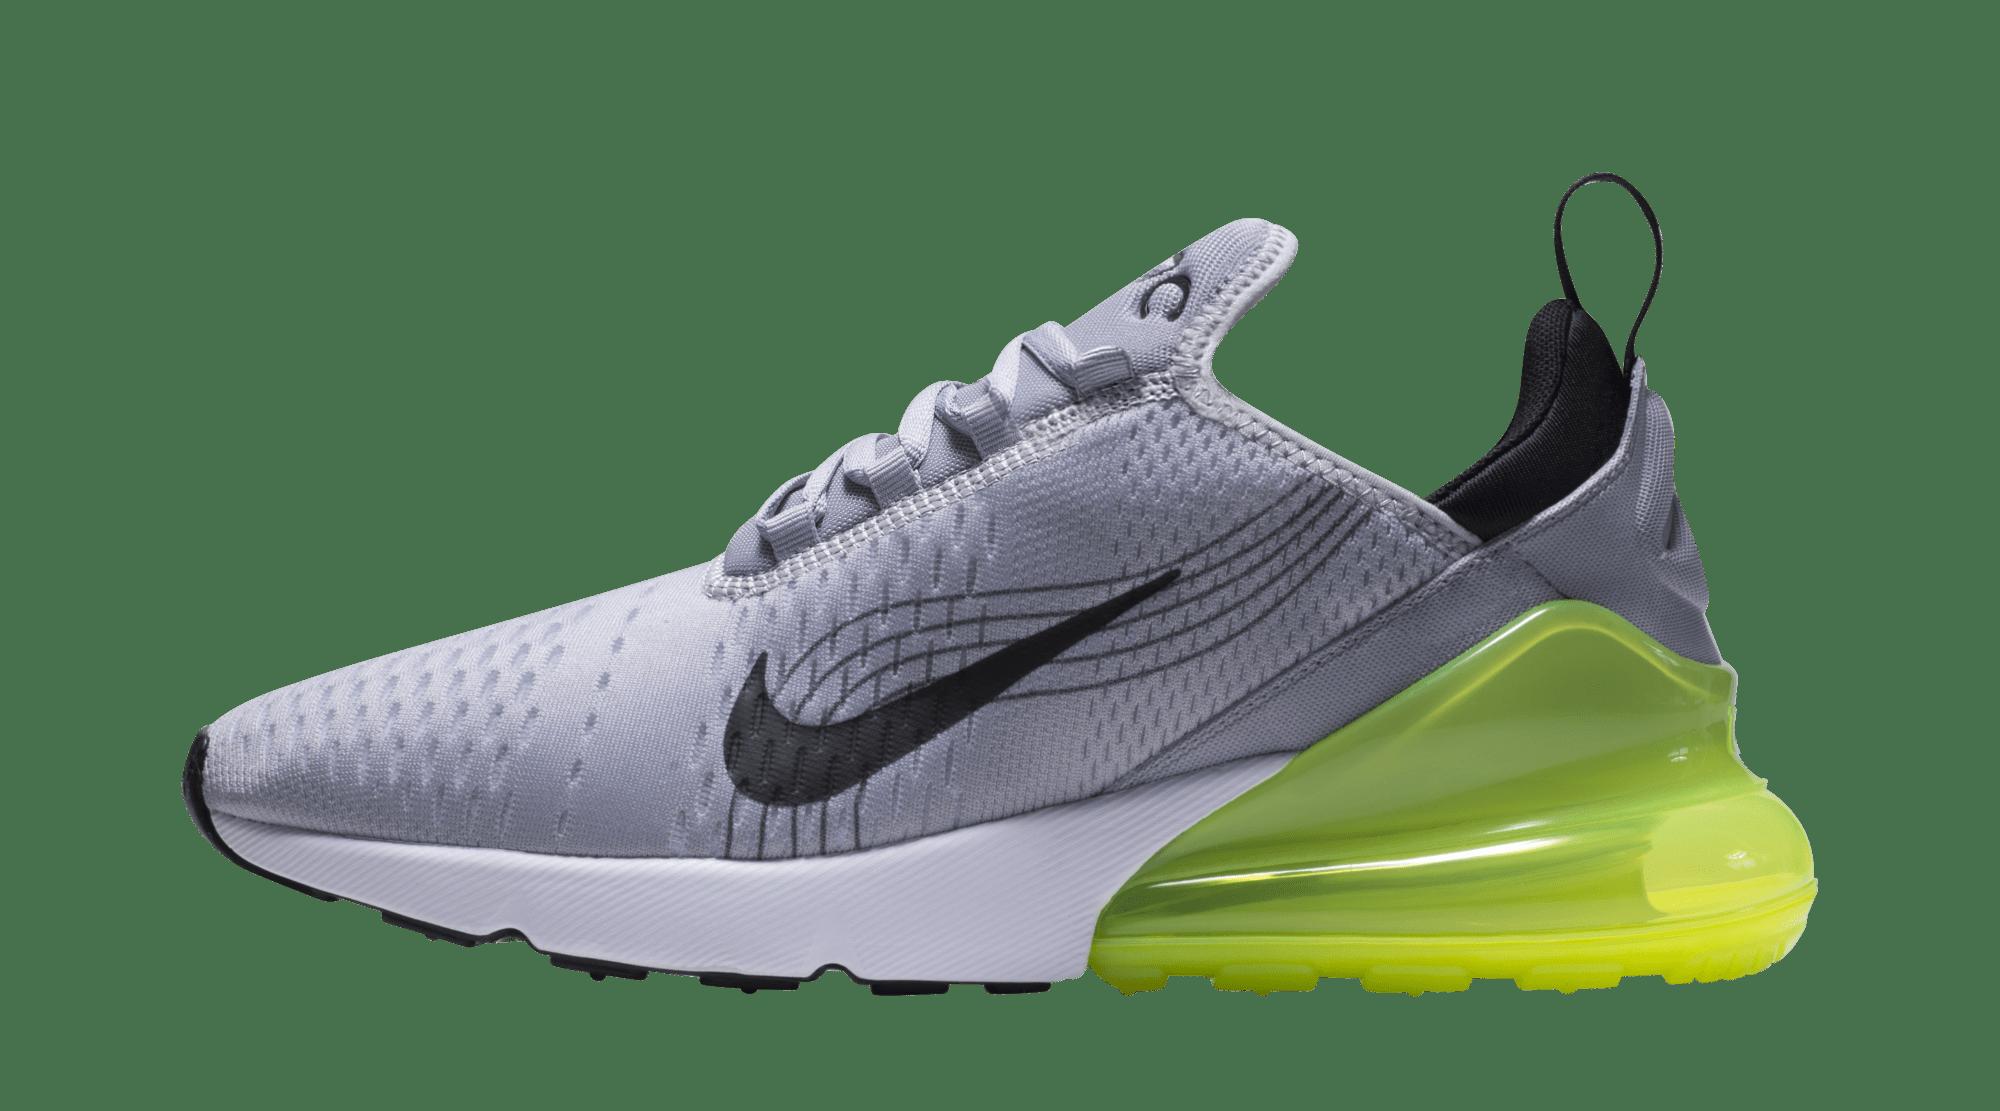 Nike Air Max 270 iD 'Mercurial Vapor' (Lateral)